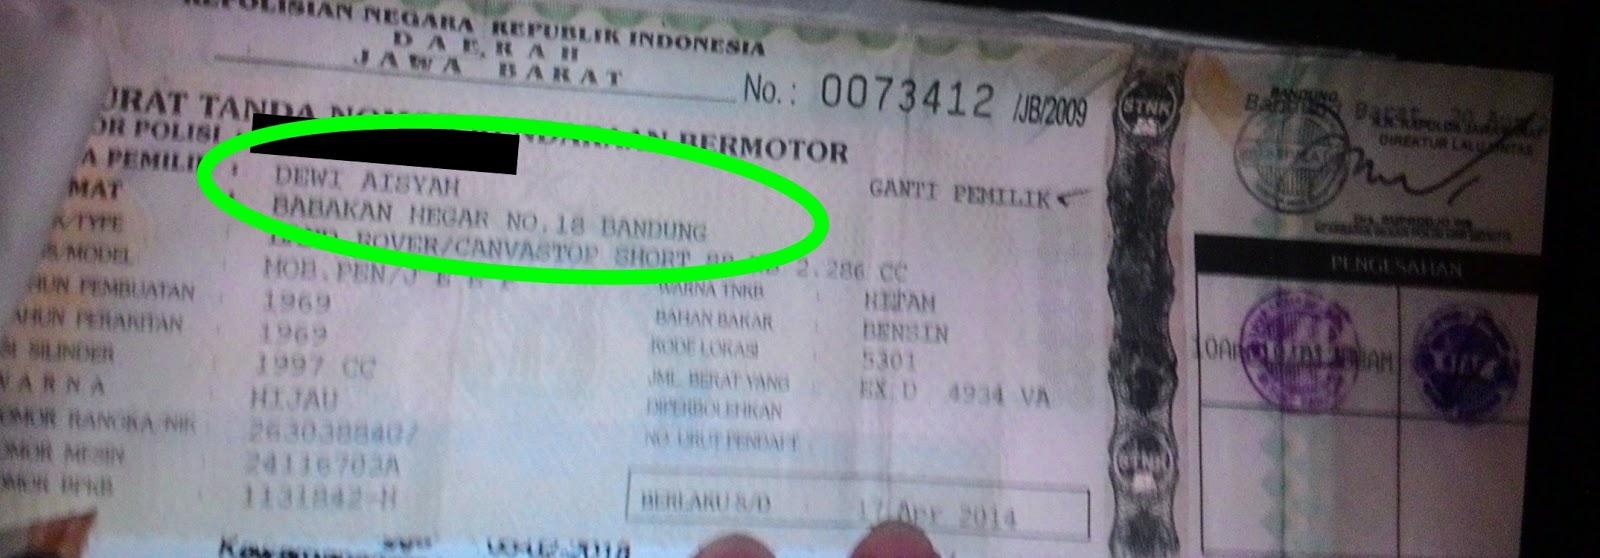 Biro Jasa Stnk Bintang Cara Balik Nama Stnkbpkb Kendaraan